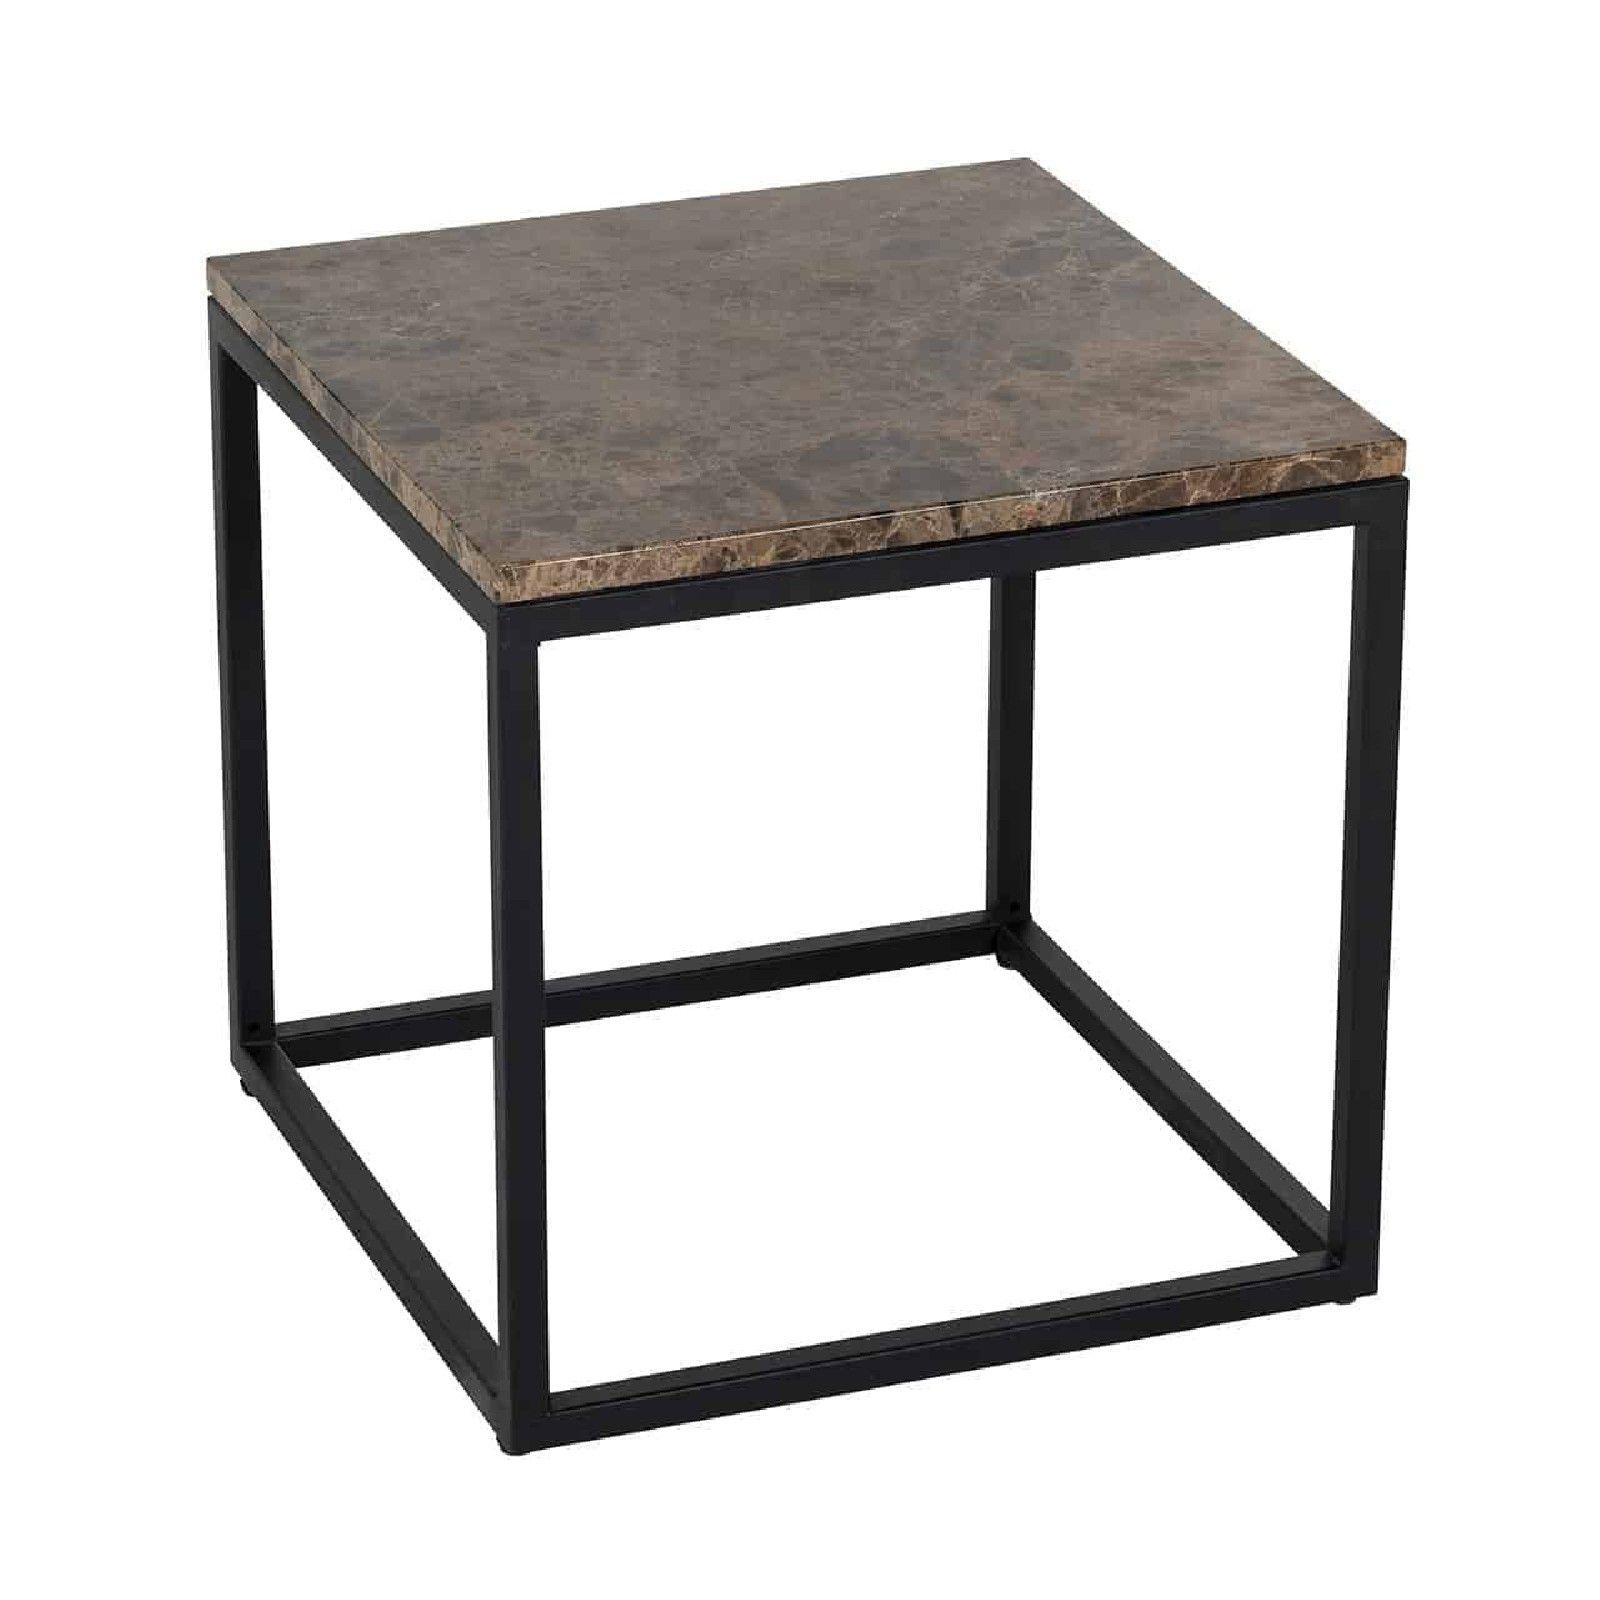 Table d'angle Orion avec du marbre brun Meuble Déco Tendance - 751